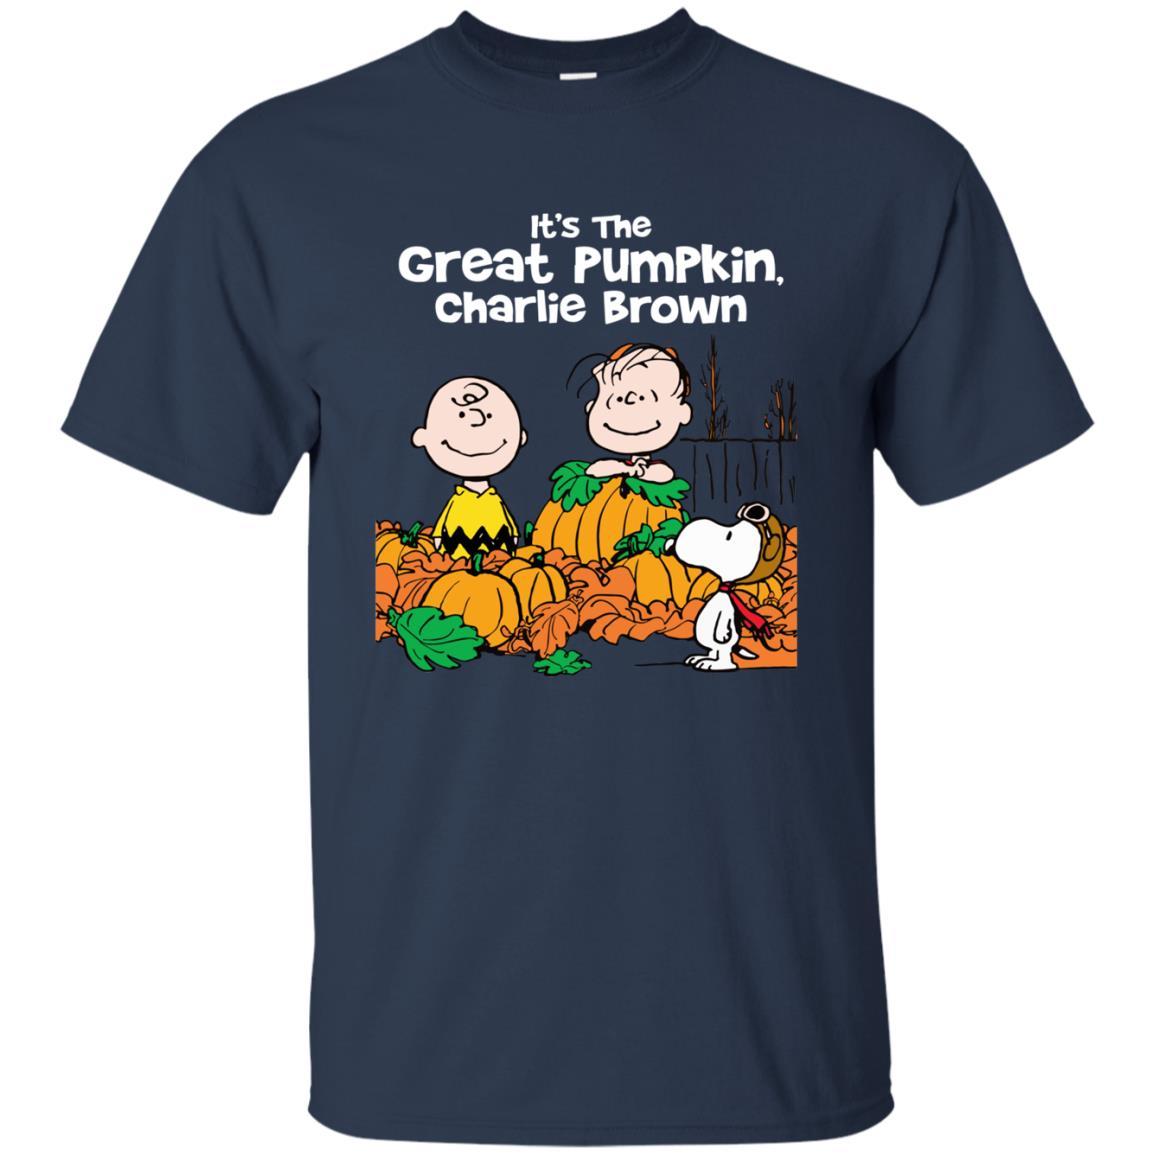 image 253 - It's the Great Pumpkin Charlie Brown shirt, hoodie, tank